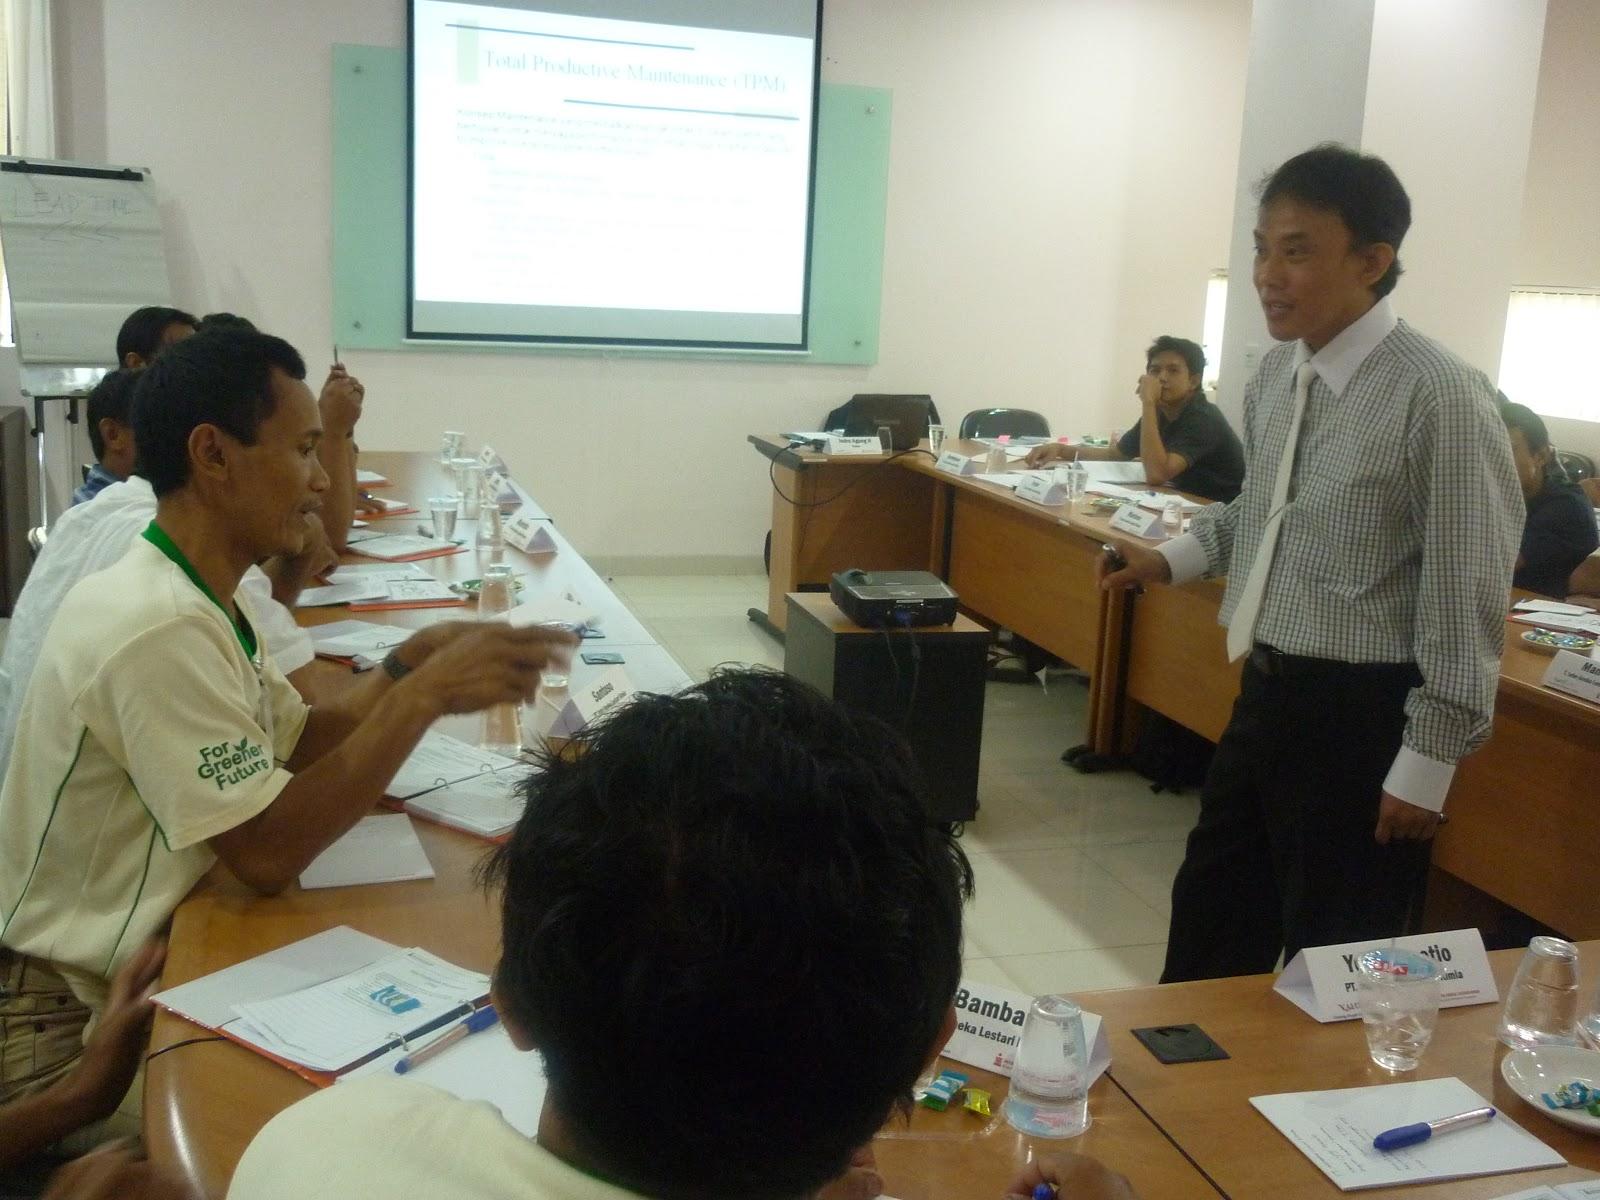 Dialog interaktif antara traineer dengan trainee; trainee sedang